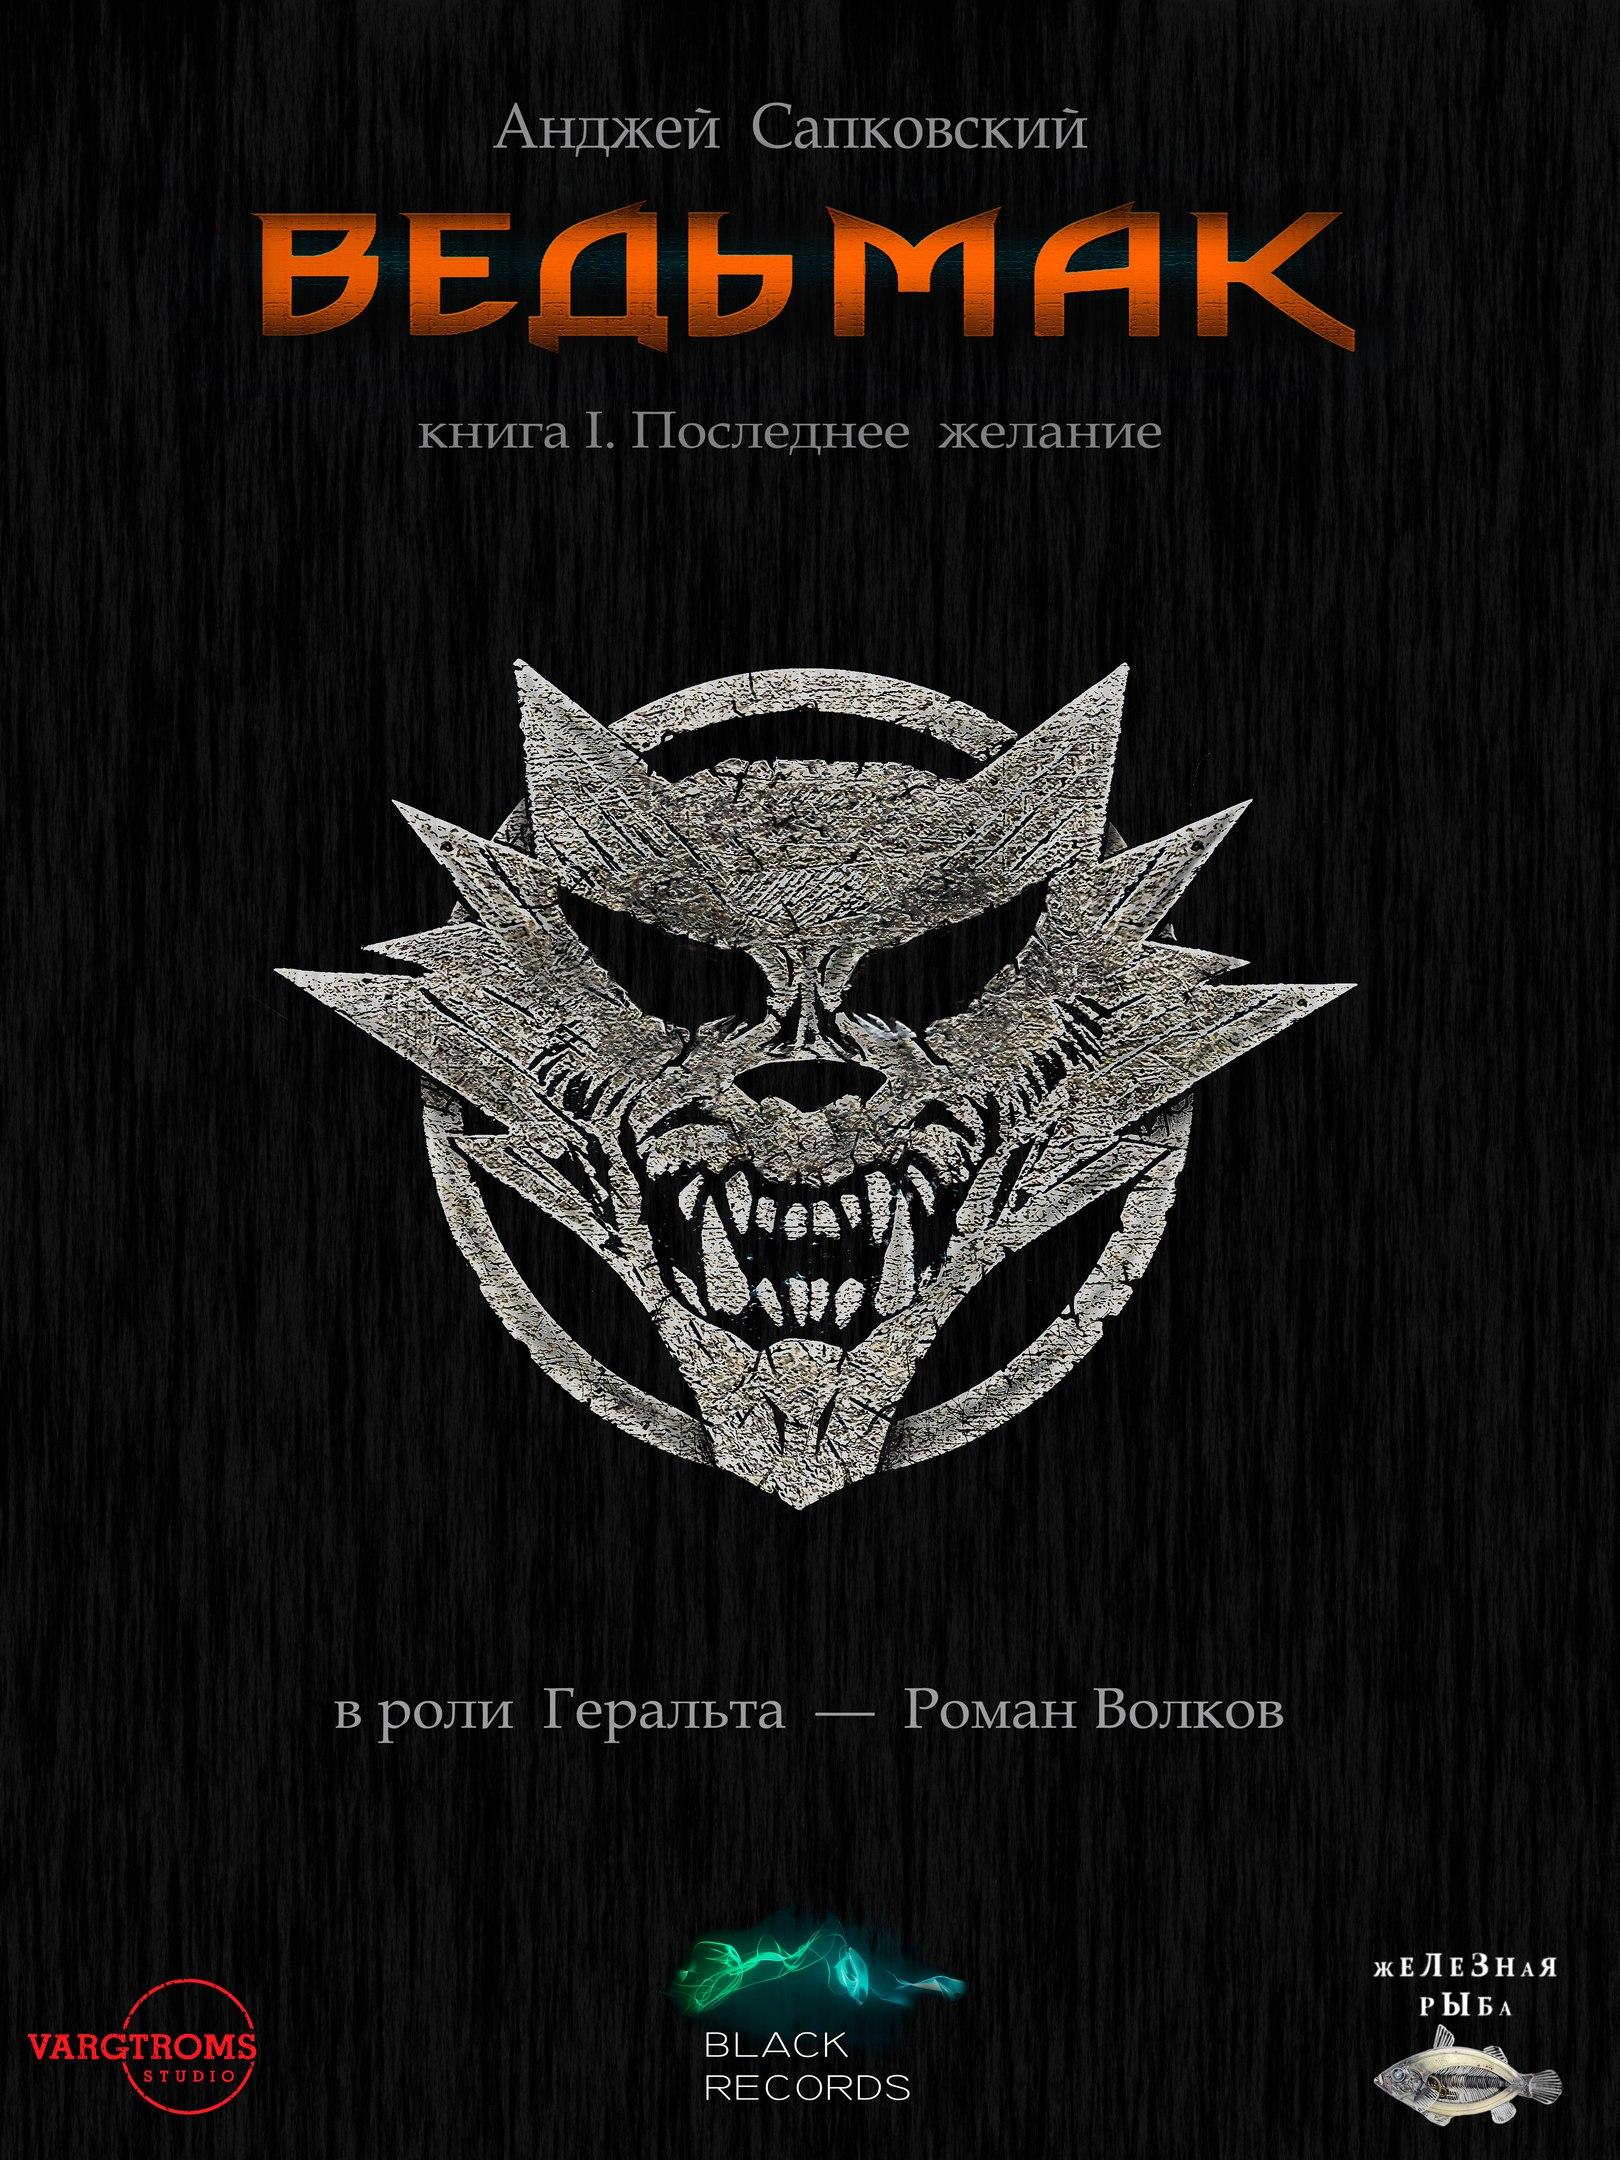 Сапковский - Ведьмак. Аудиокнига. Читает Роман Волков